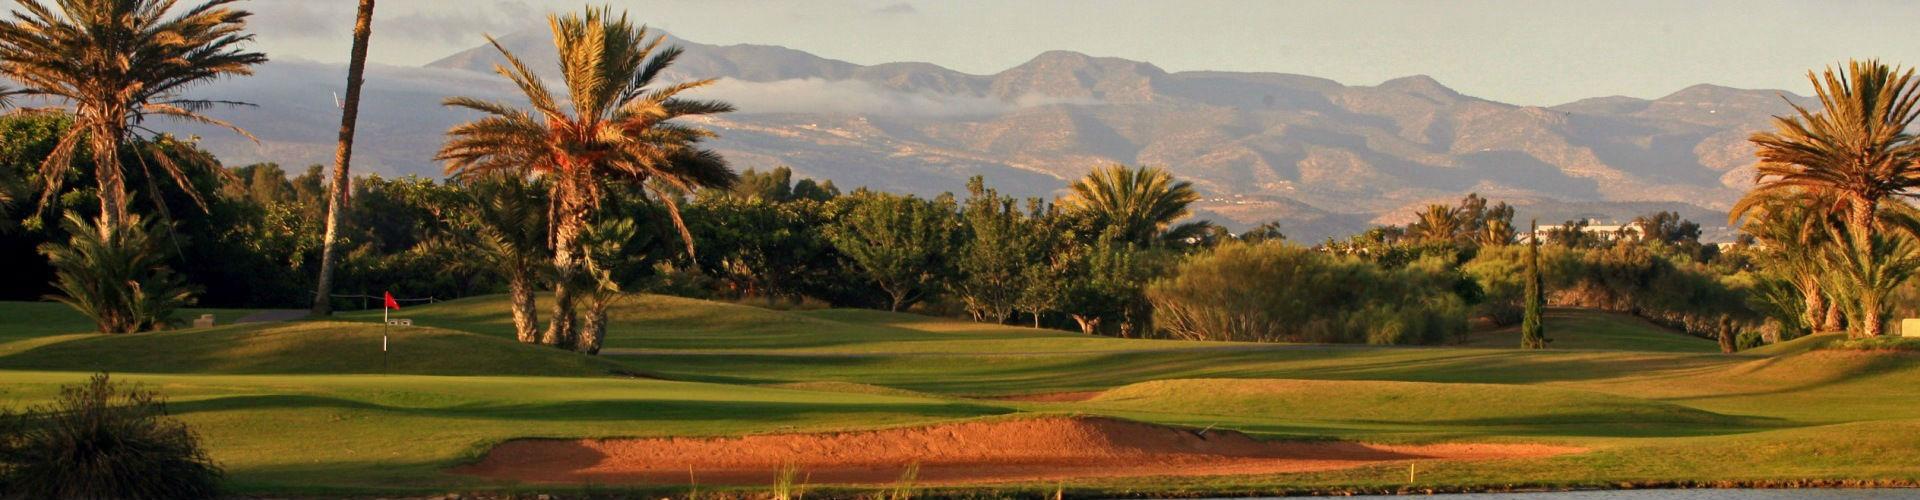 Golfreosr Marocko - golfreseguiden.se